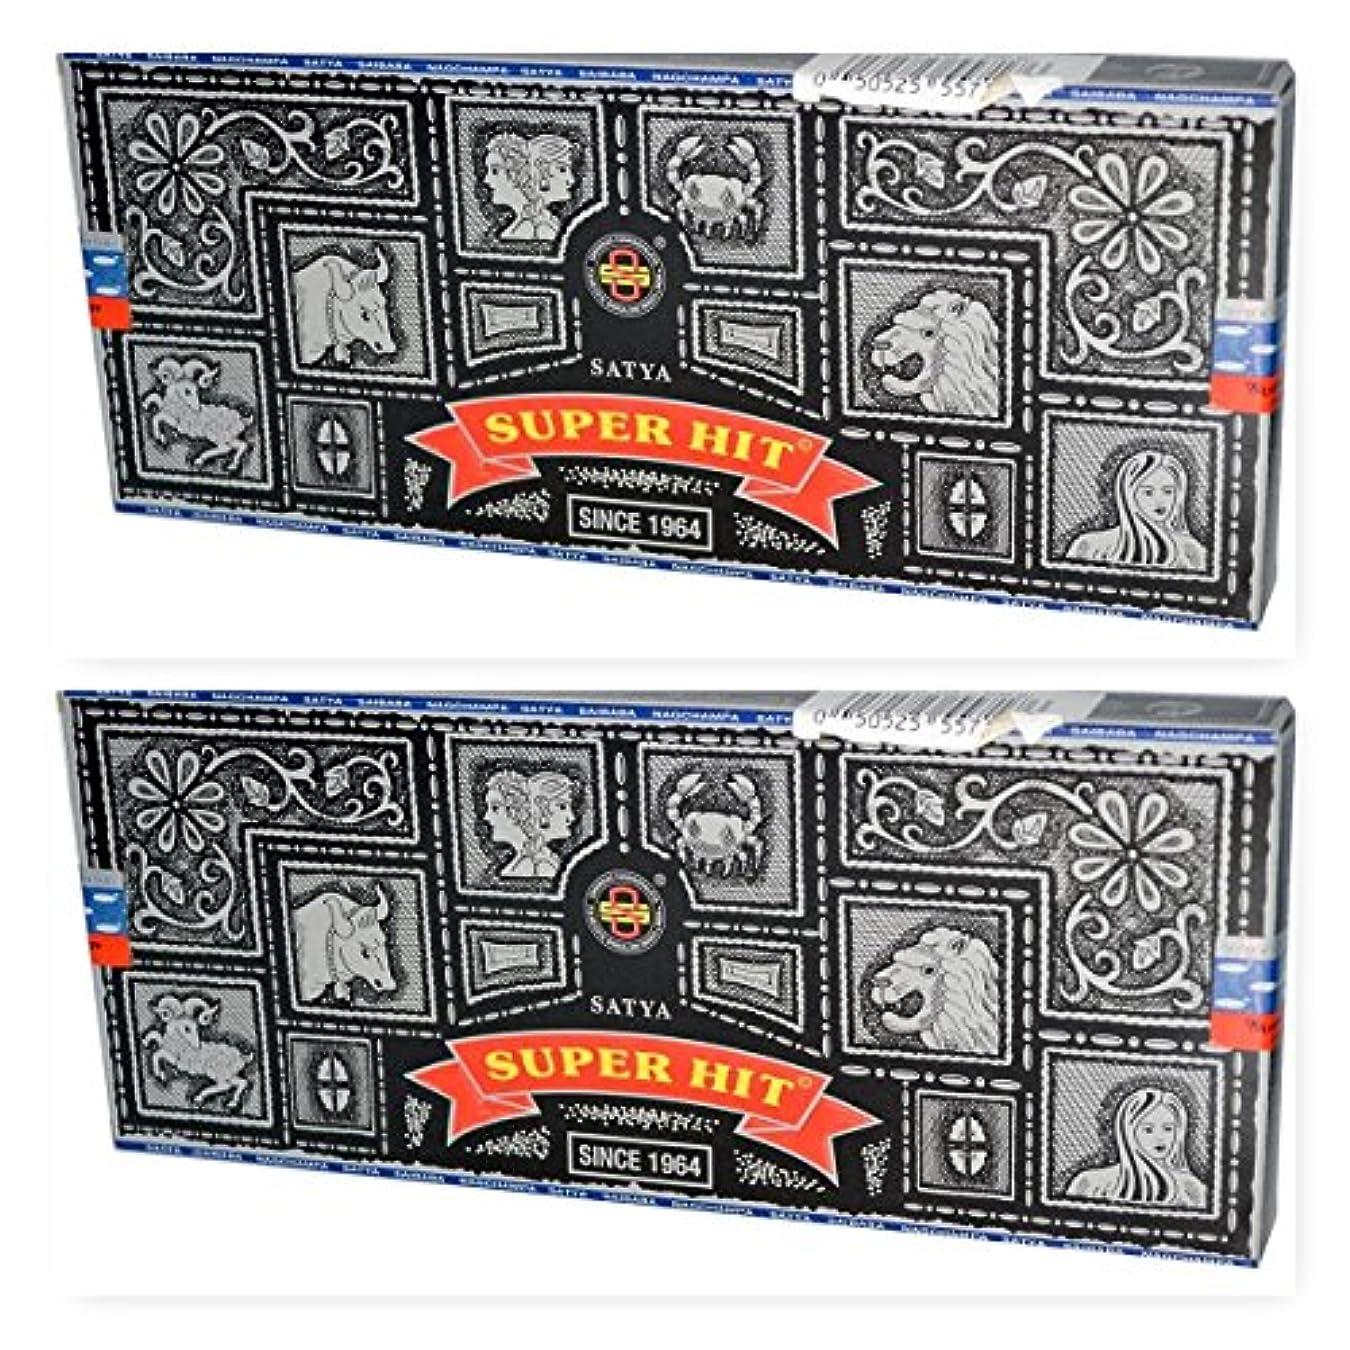 説得欺くチューブSatya Sai Babaスーパーヒット香スティック、100-gram ( Pack of 2 )